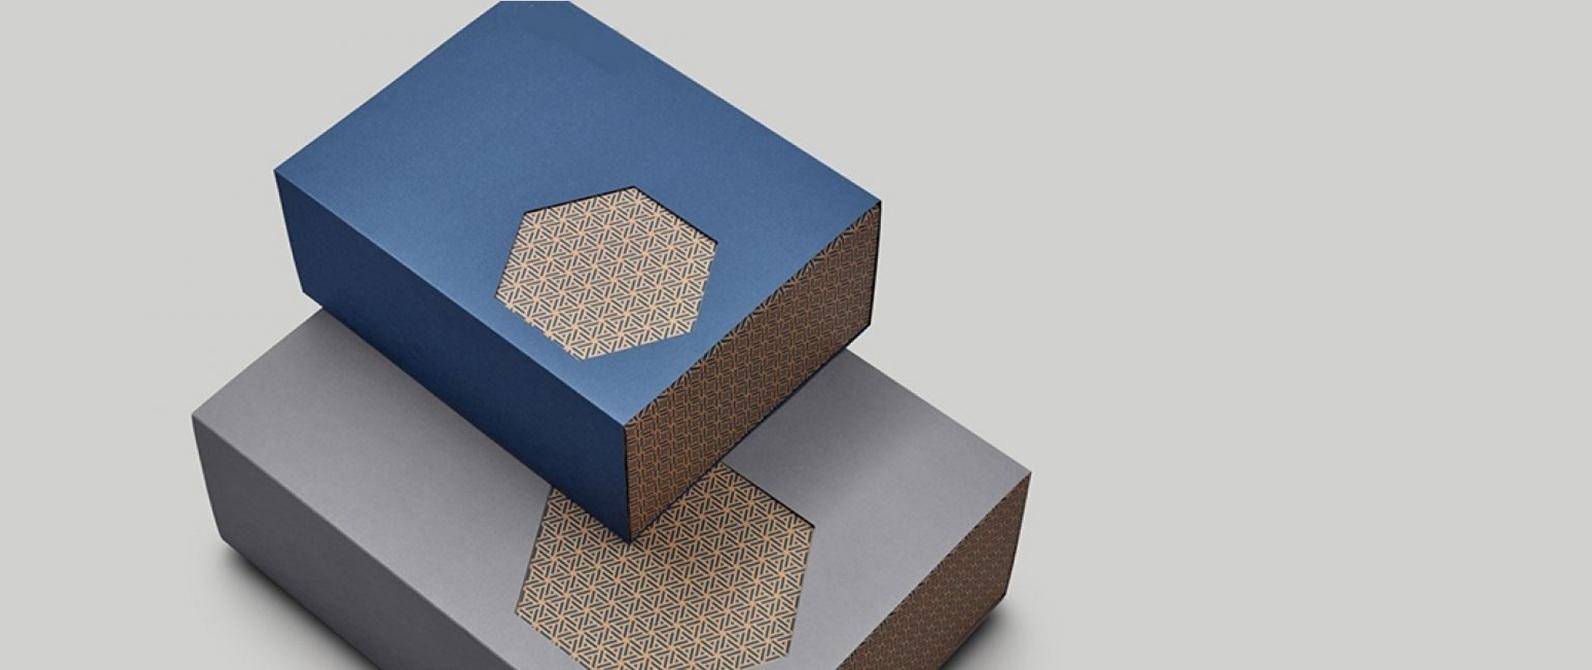 κουτιά πολυτελείας, κουτια πολυτελειας, χαρτινα κουτια πολυτελειας, κουτια πολυτελειας-κυτιοποιία, κυτιοποια